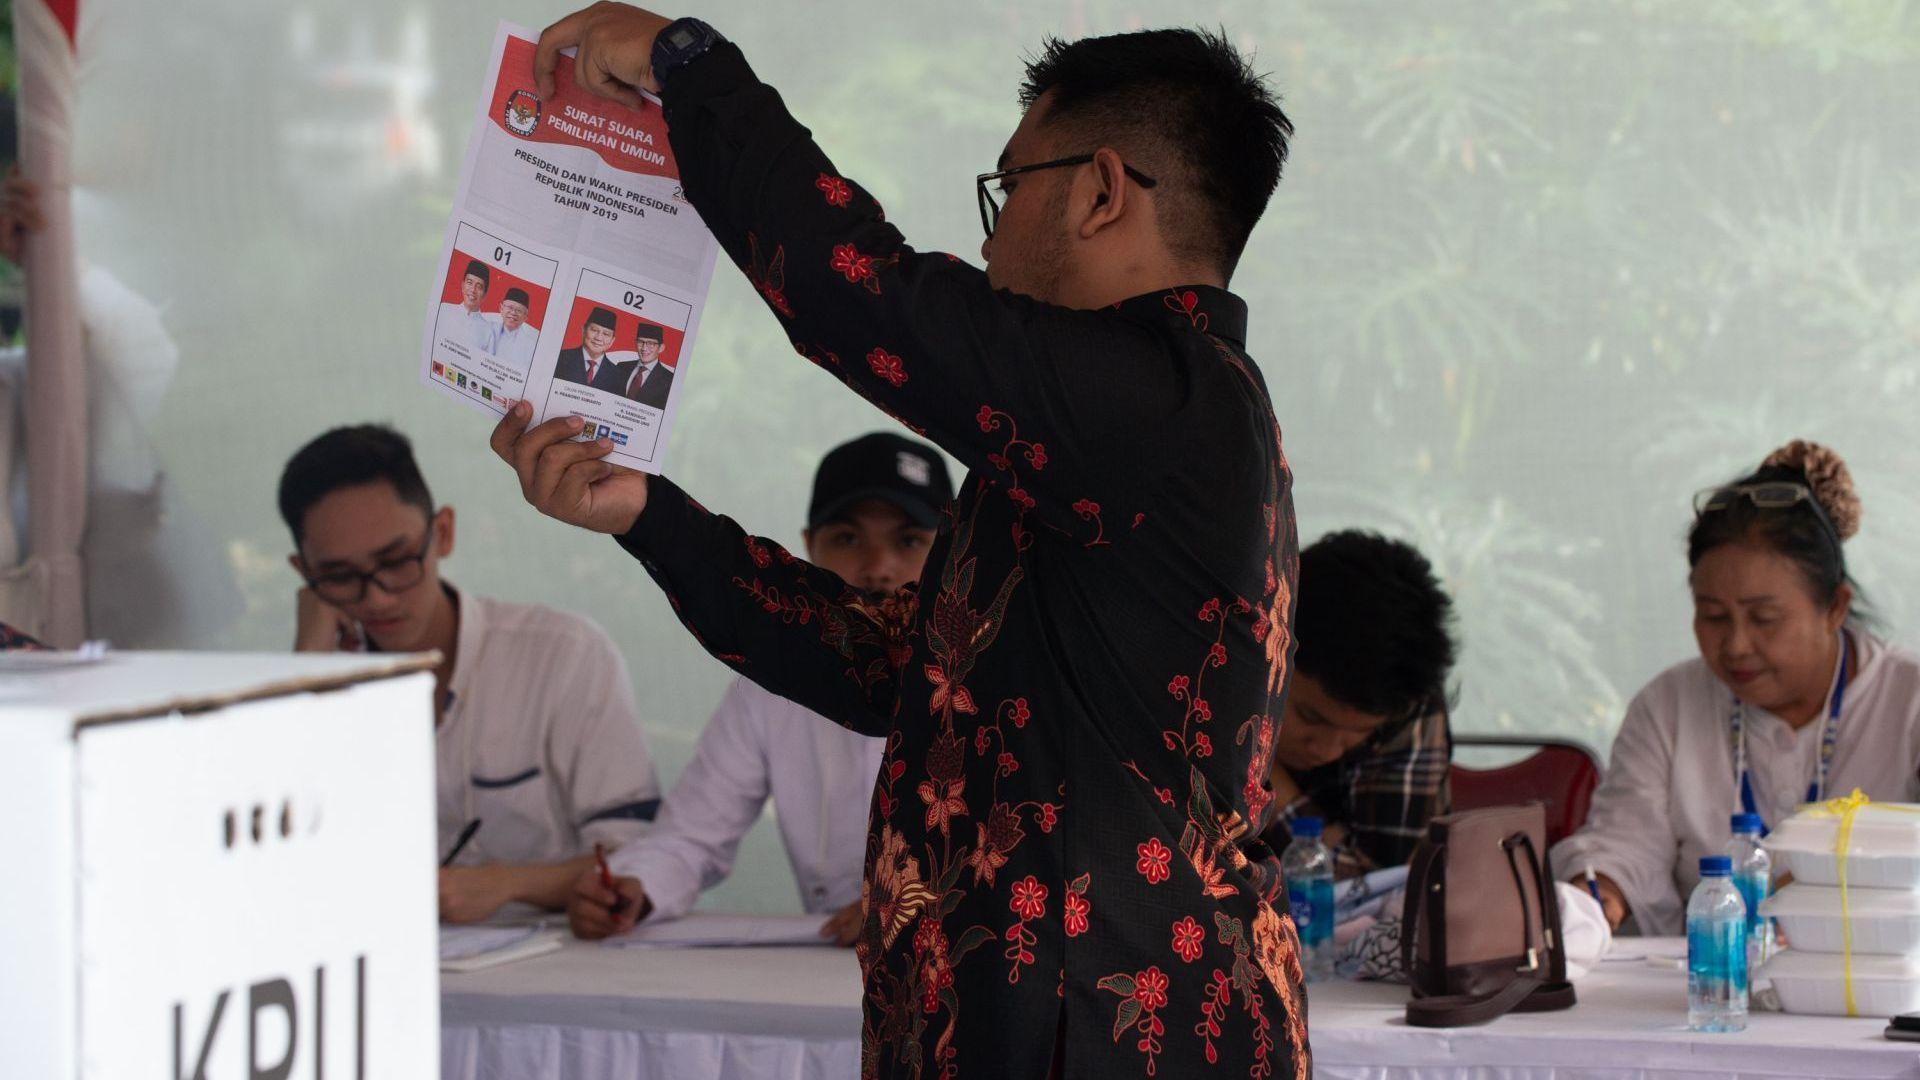 Над 270 членове на избирателни комисии починаха от преумора в Индонезия